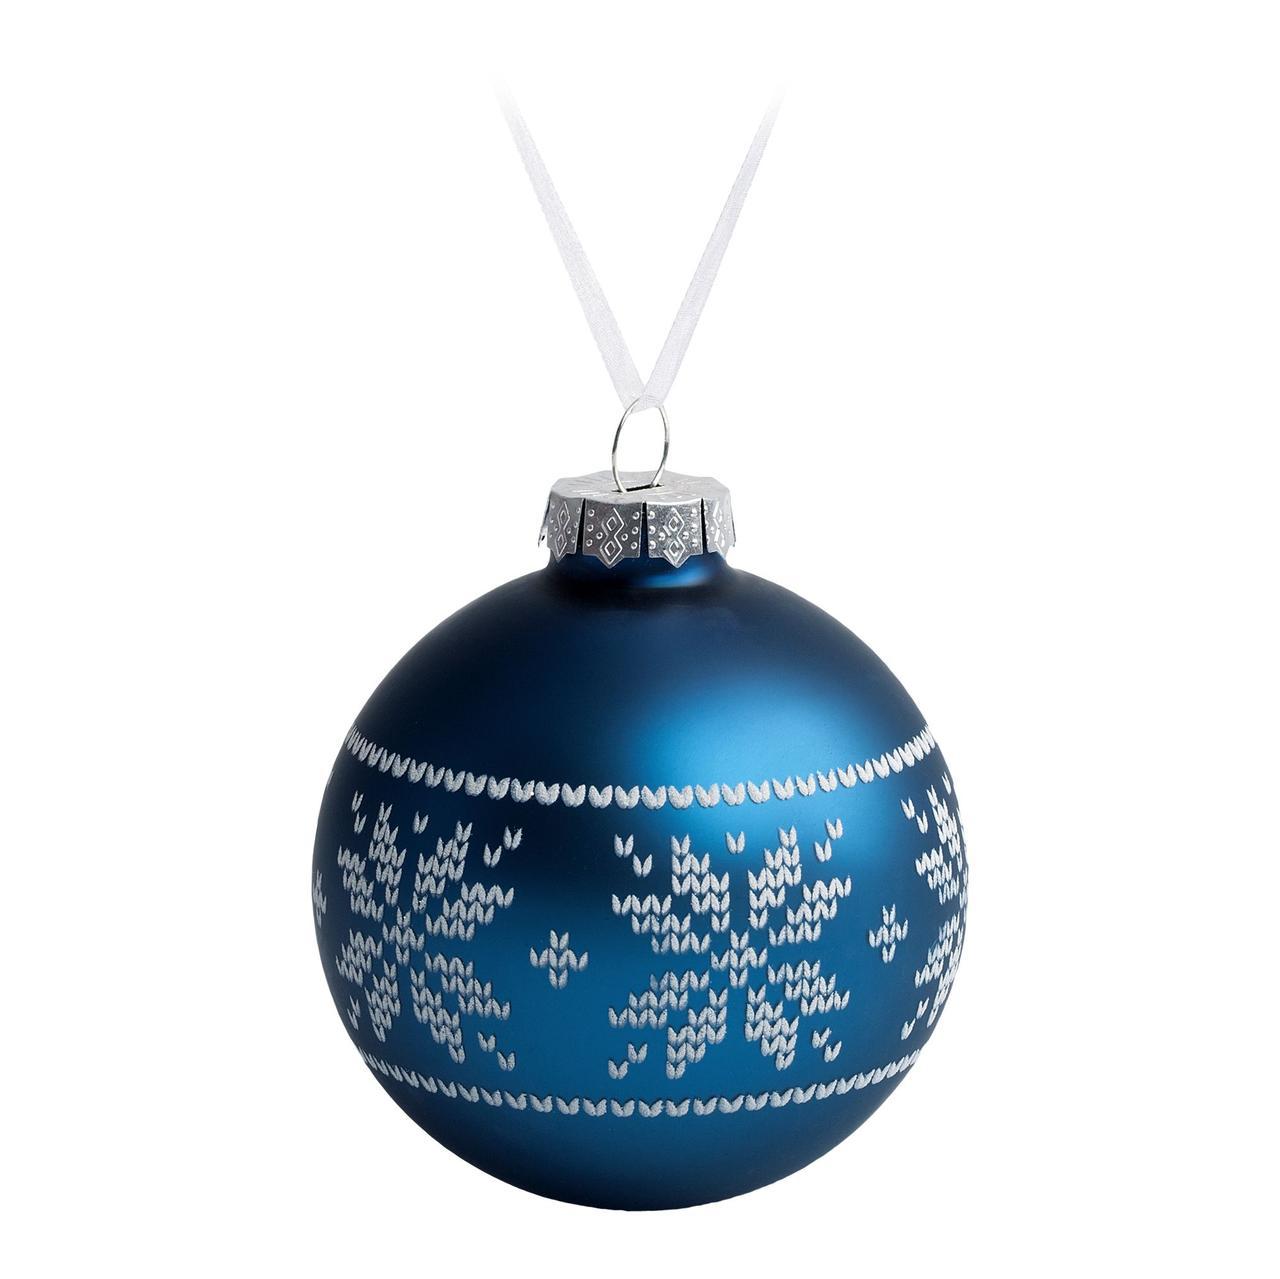 Елочный шар «Скандинавский узор», 8 см, синий (артикул 7297.40)